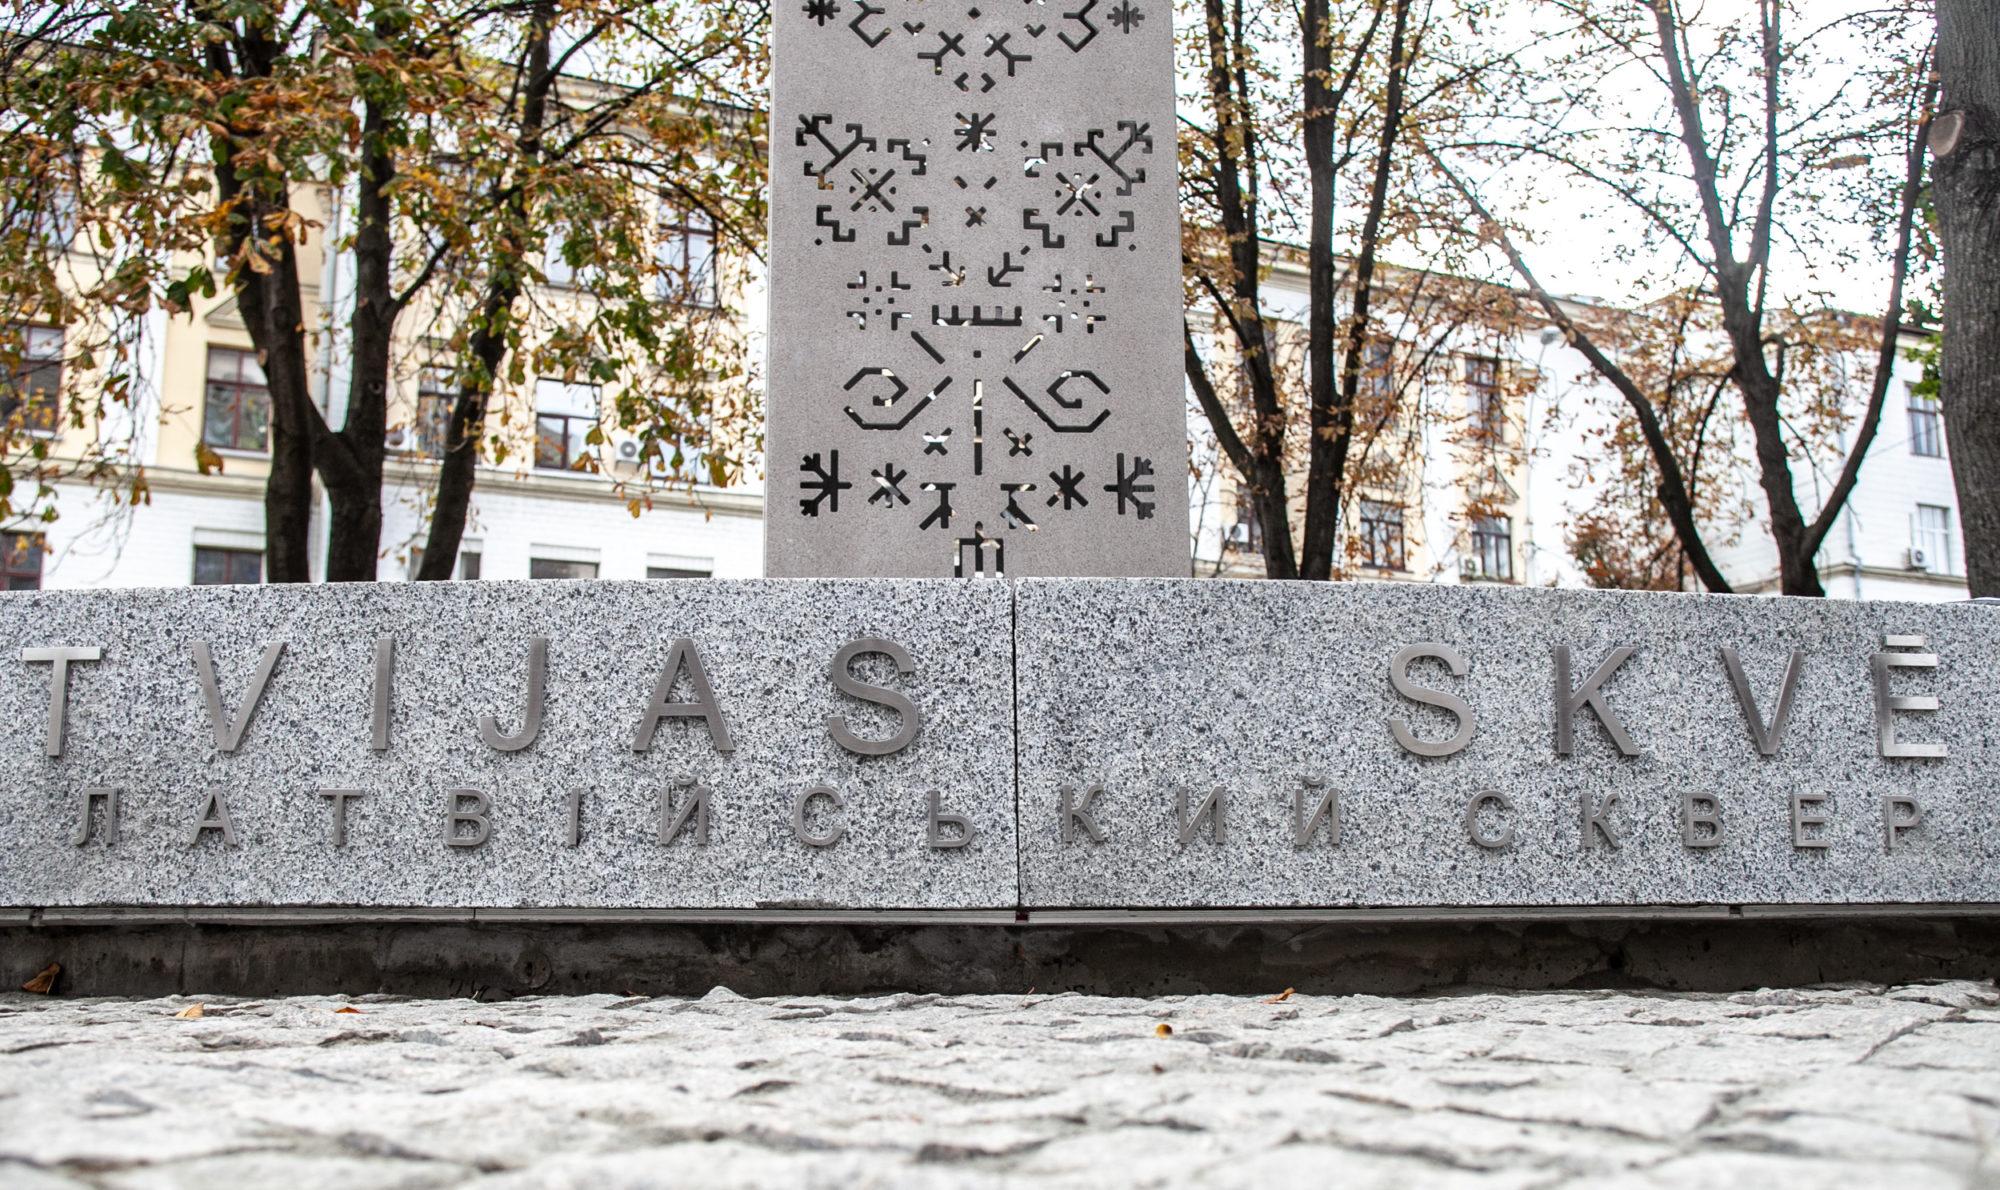 В столиці відкрили «Латвійський» сквер -  - imgbig 4 1 2000x1190